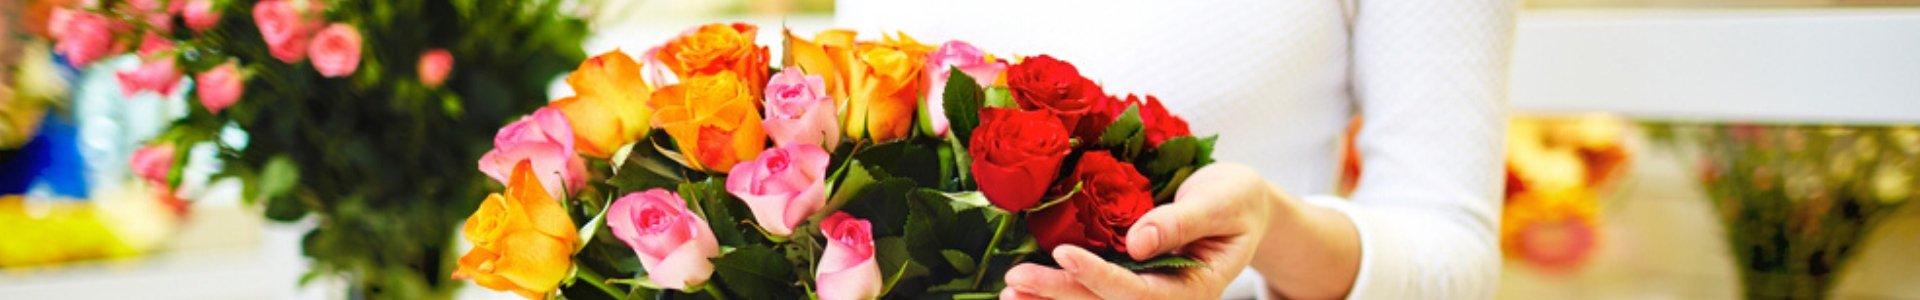 עולמם הסודי של הפרחים